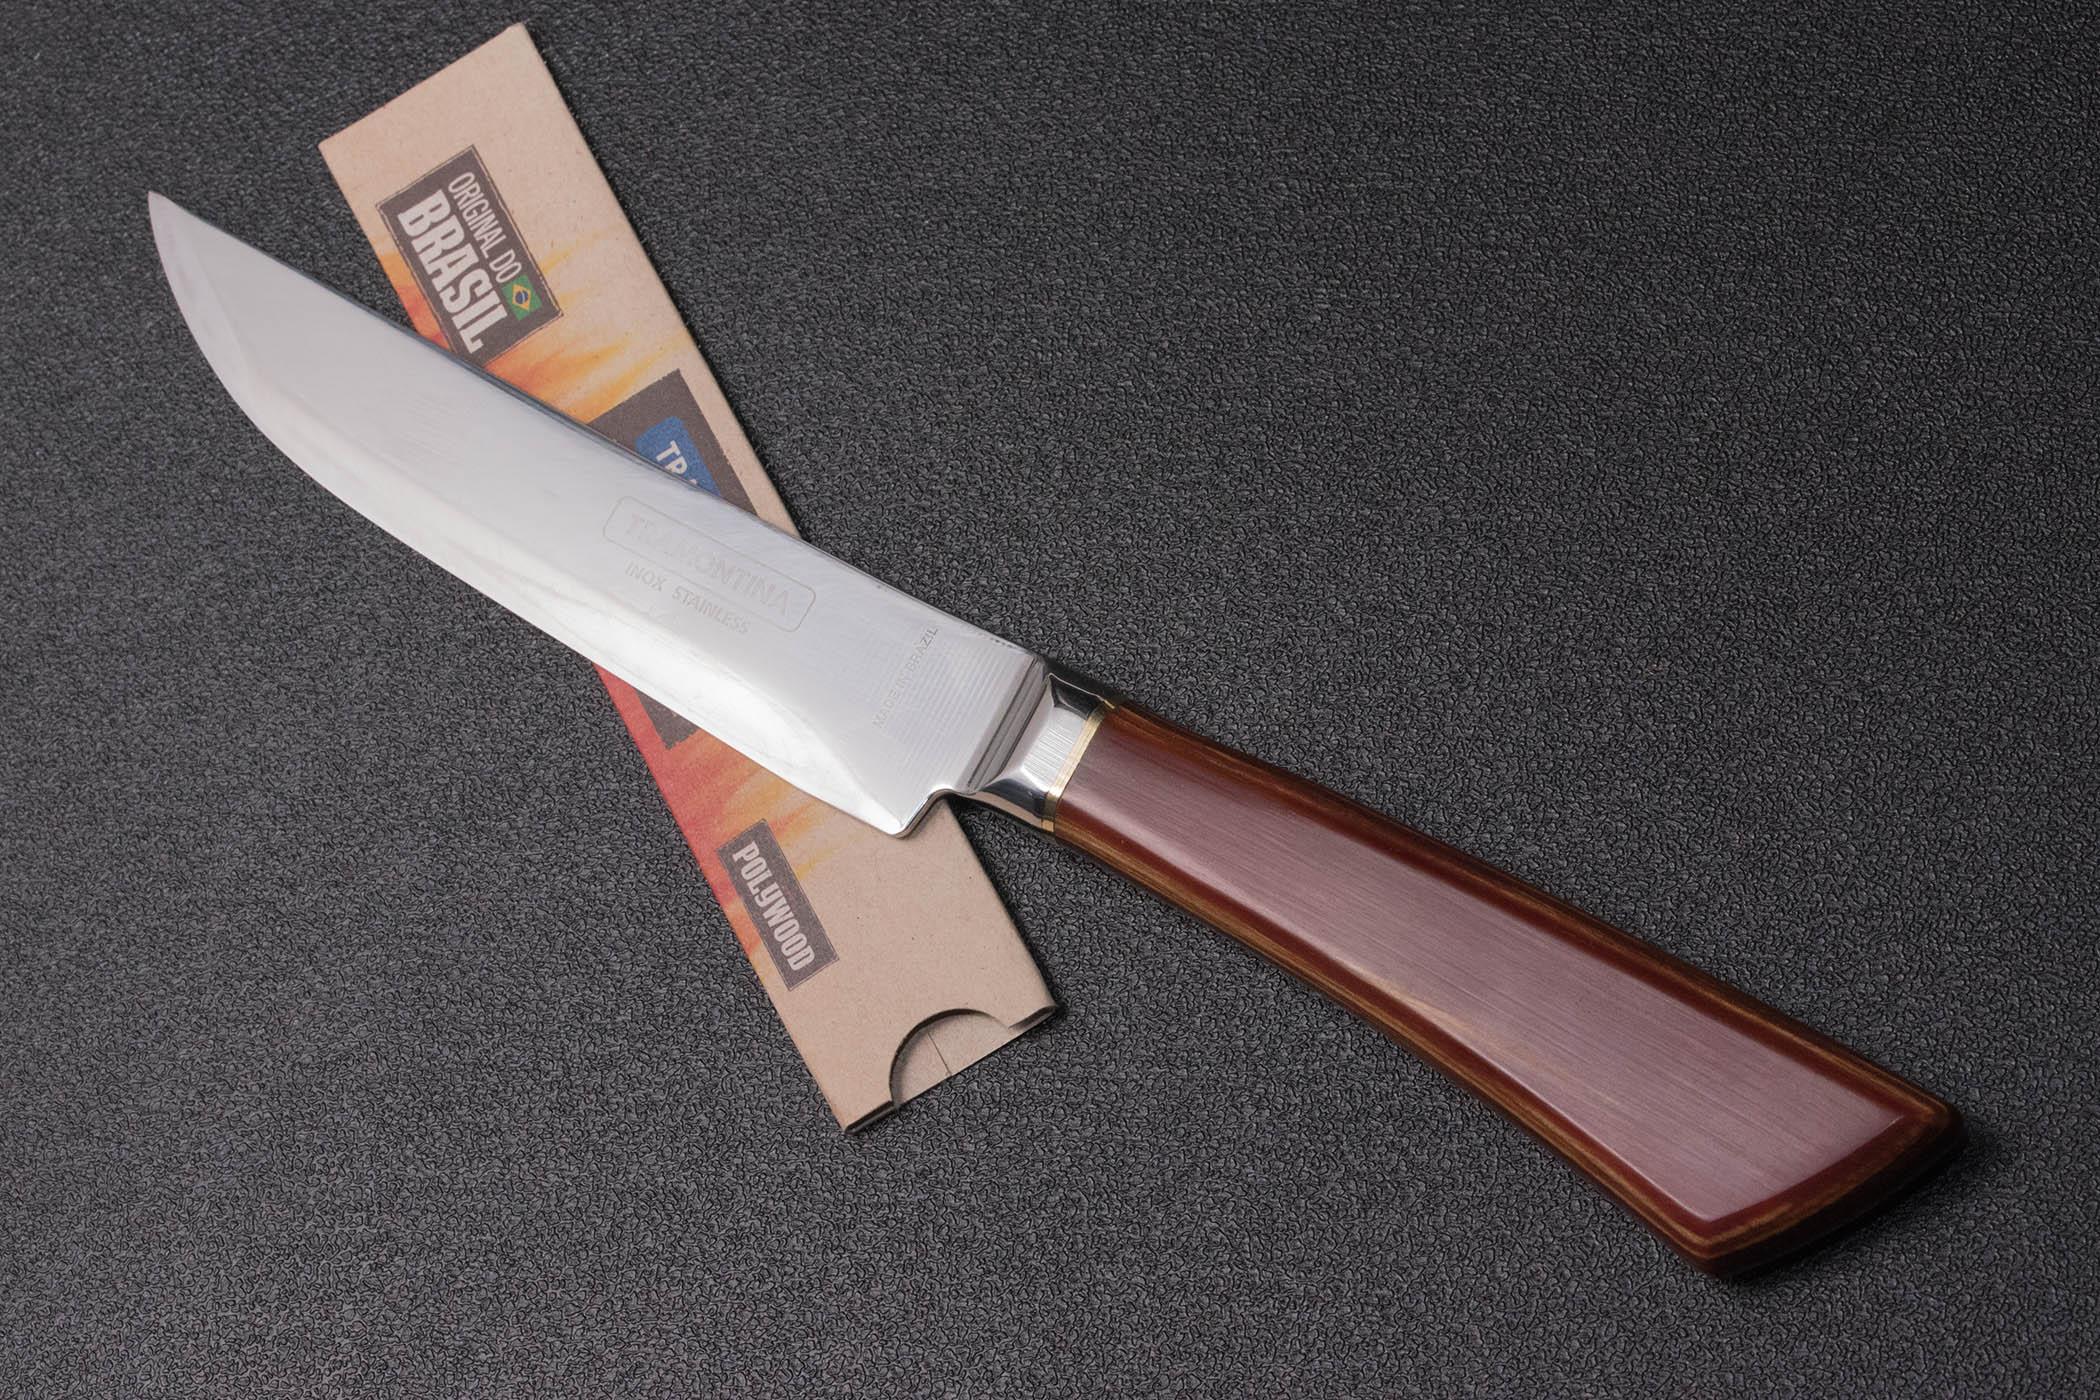 ステーキナイフをキャンプ用に研ぎ直してみた